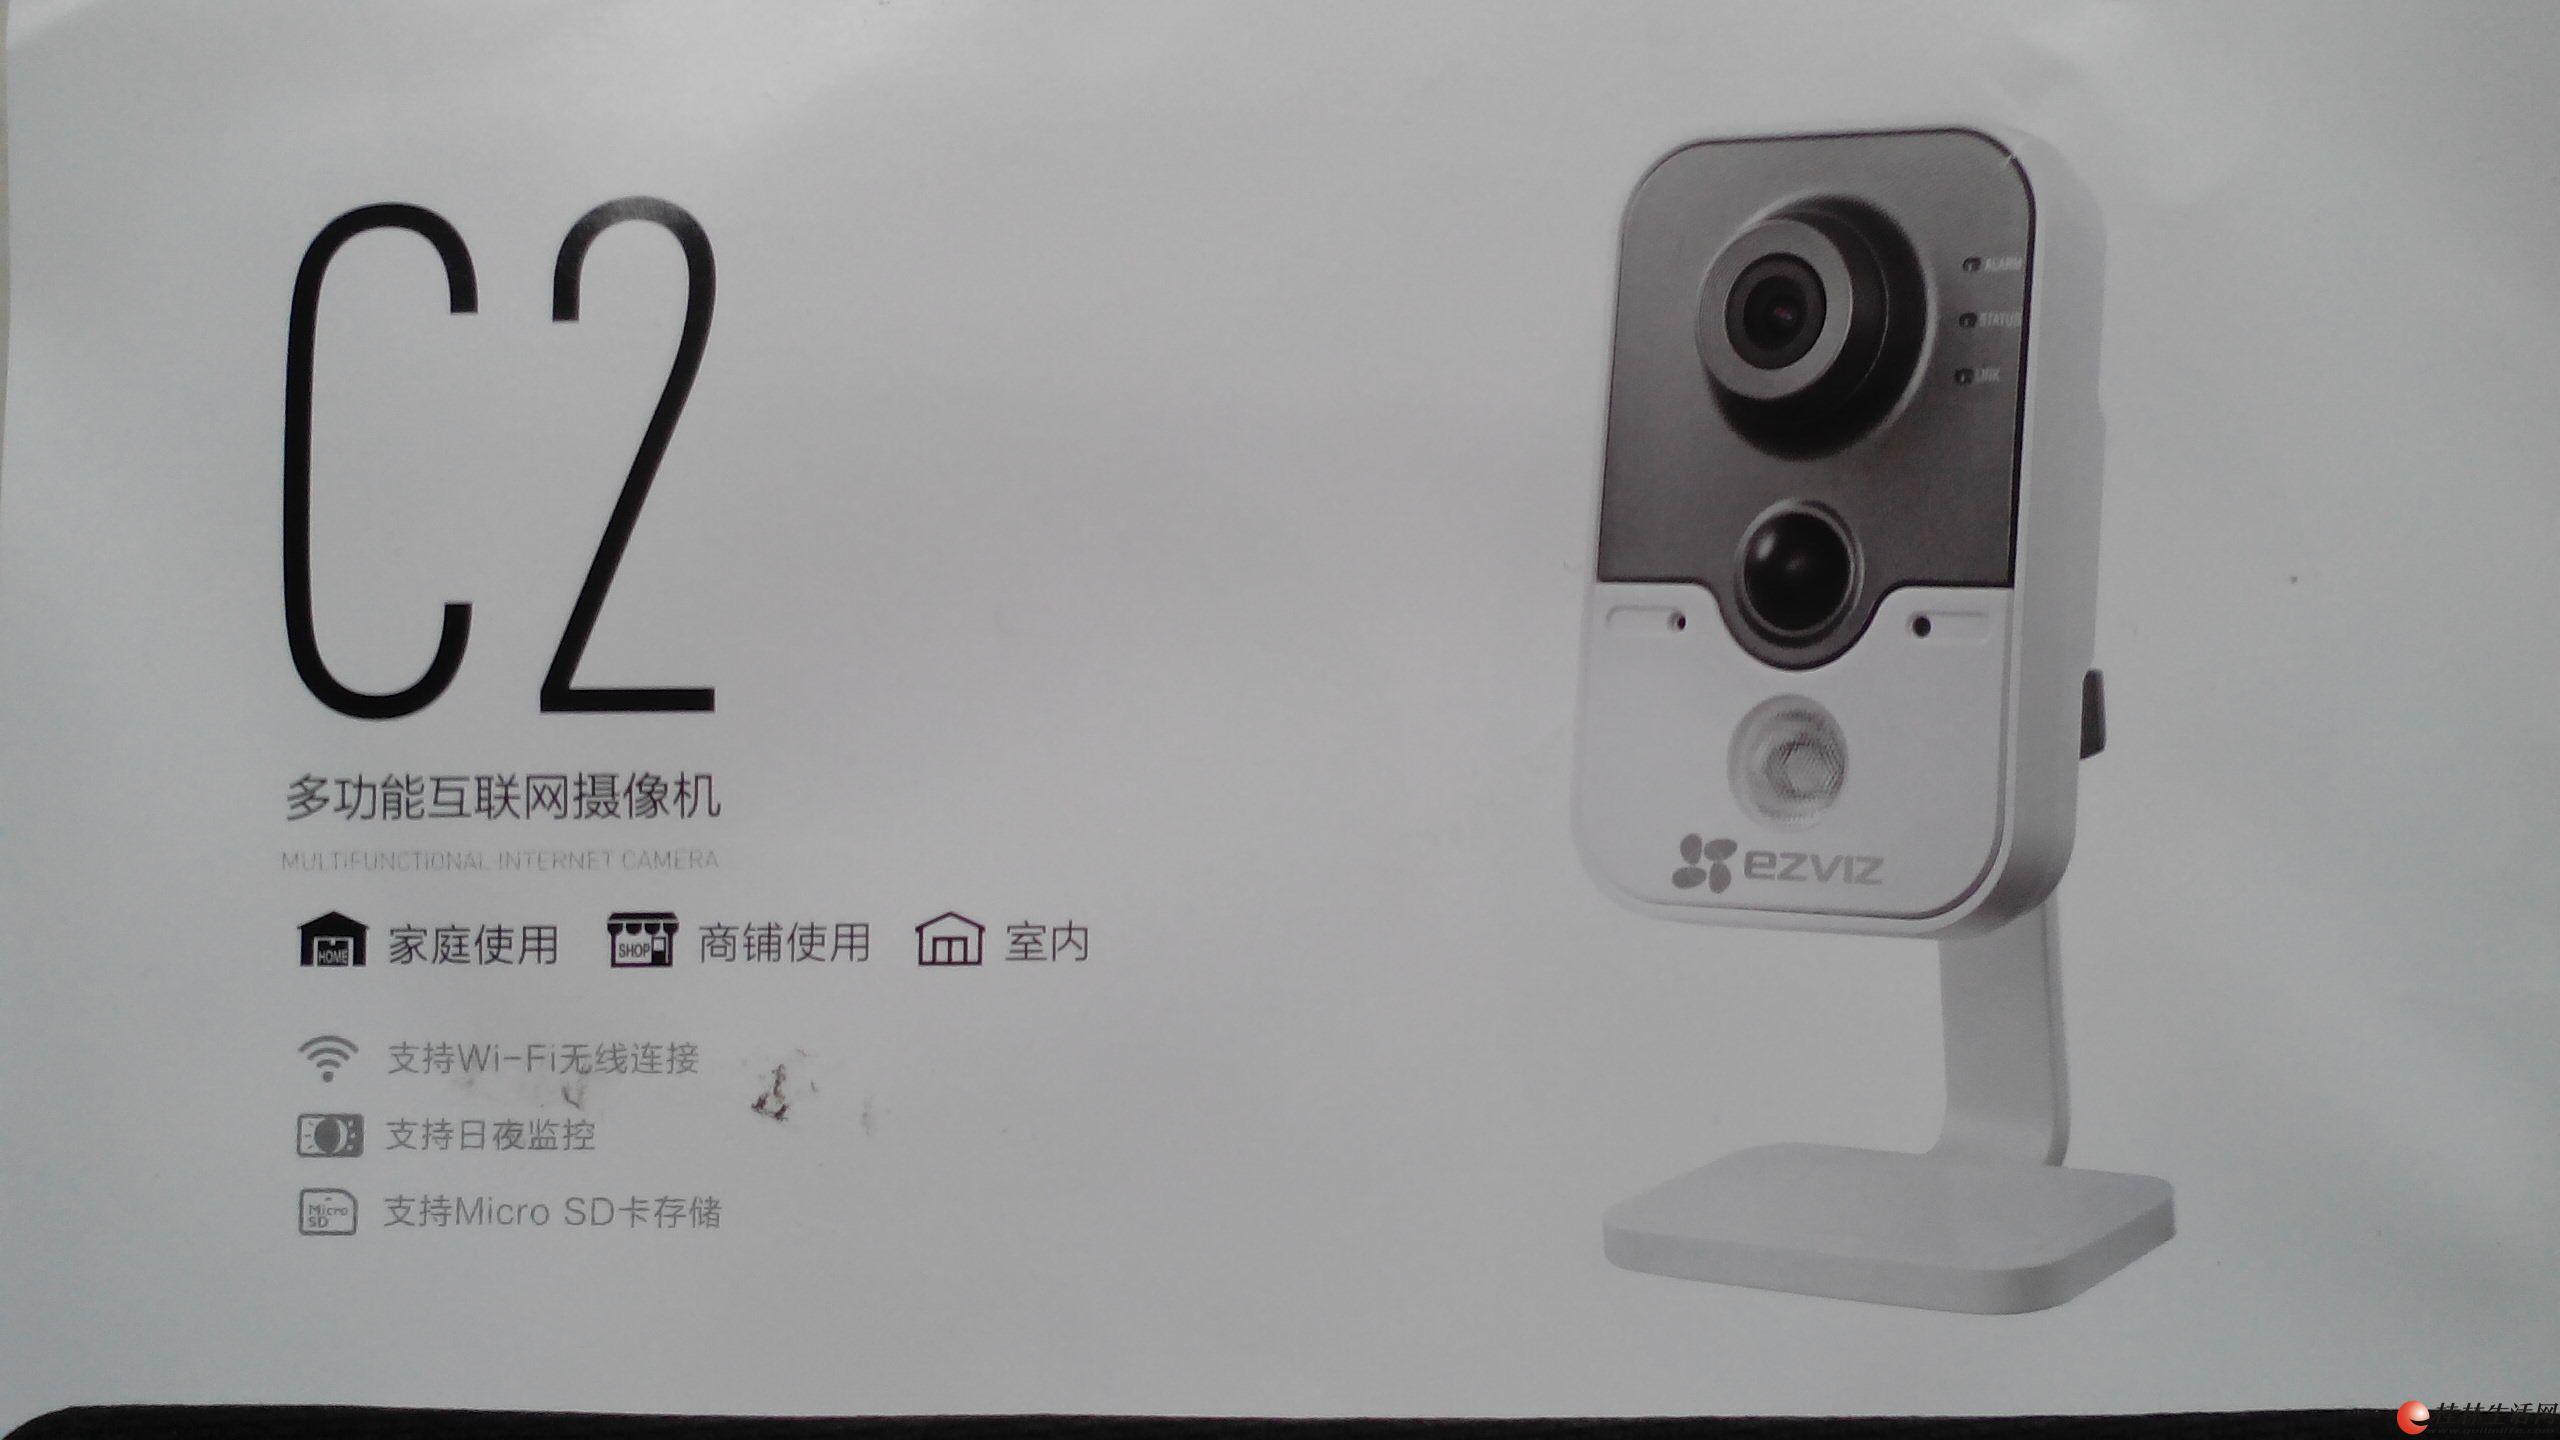 监控第一品牌海康无线对讲网络摄相机